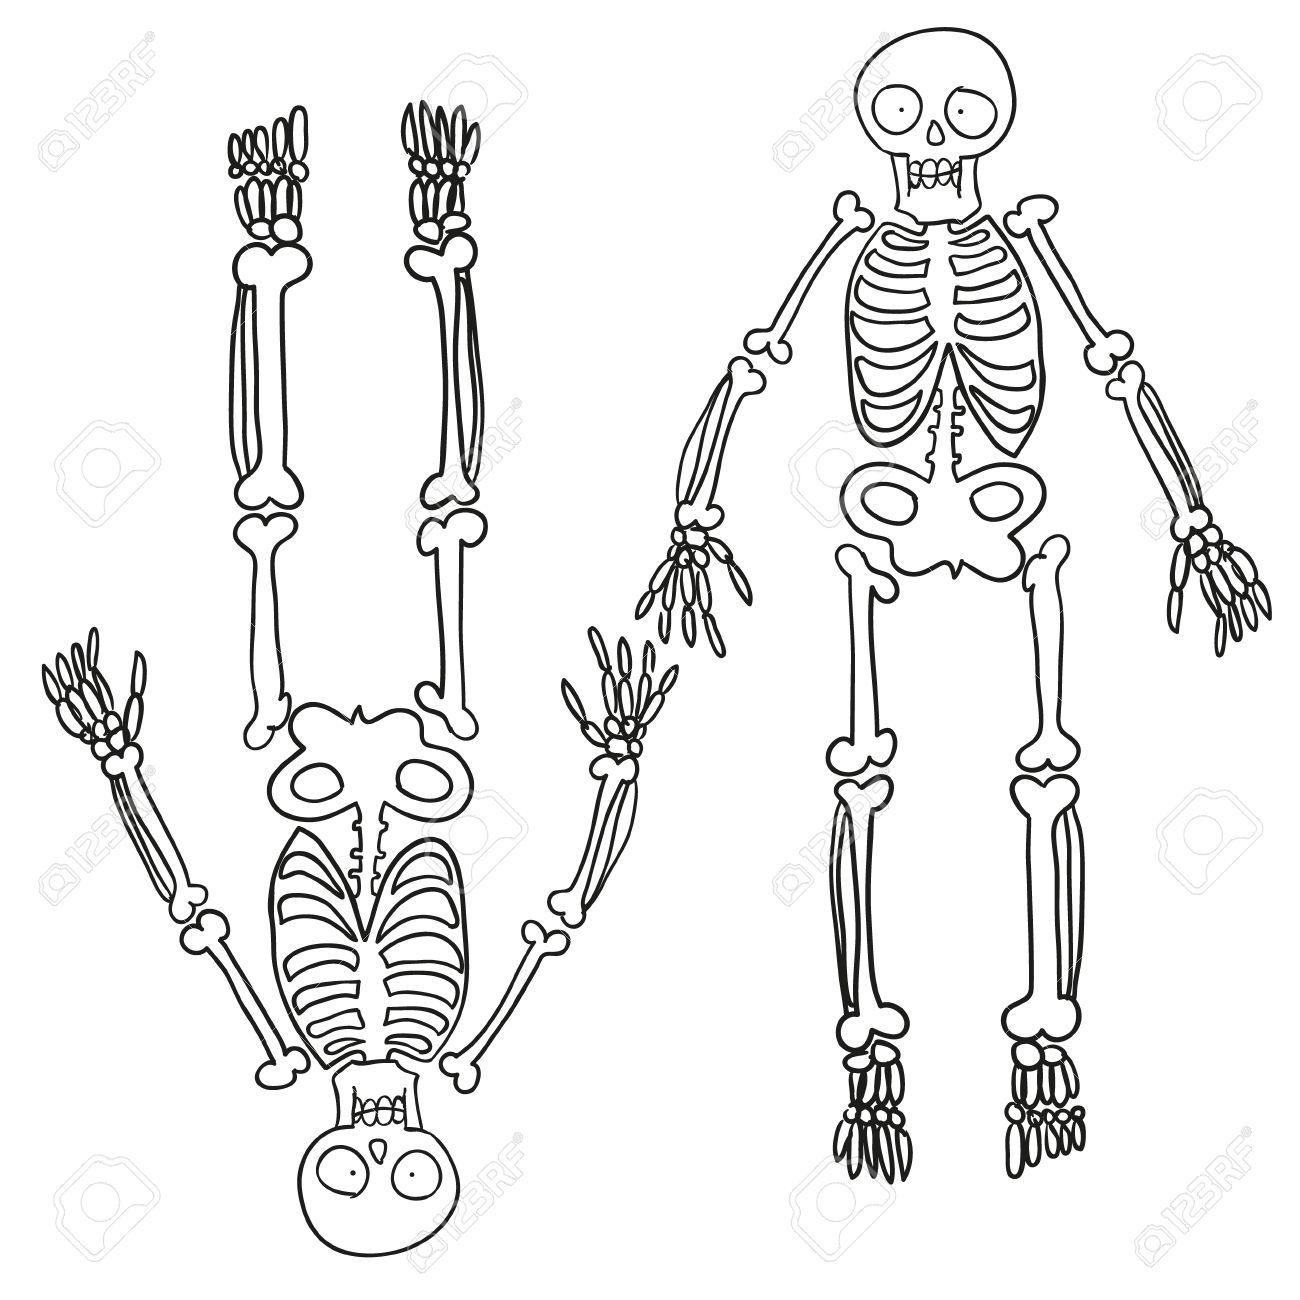 1300x1300 Hand Drawn Skeleton. Vector Sketch Royalty Free Cliparts, Vectors